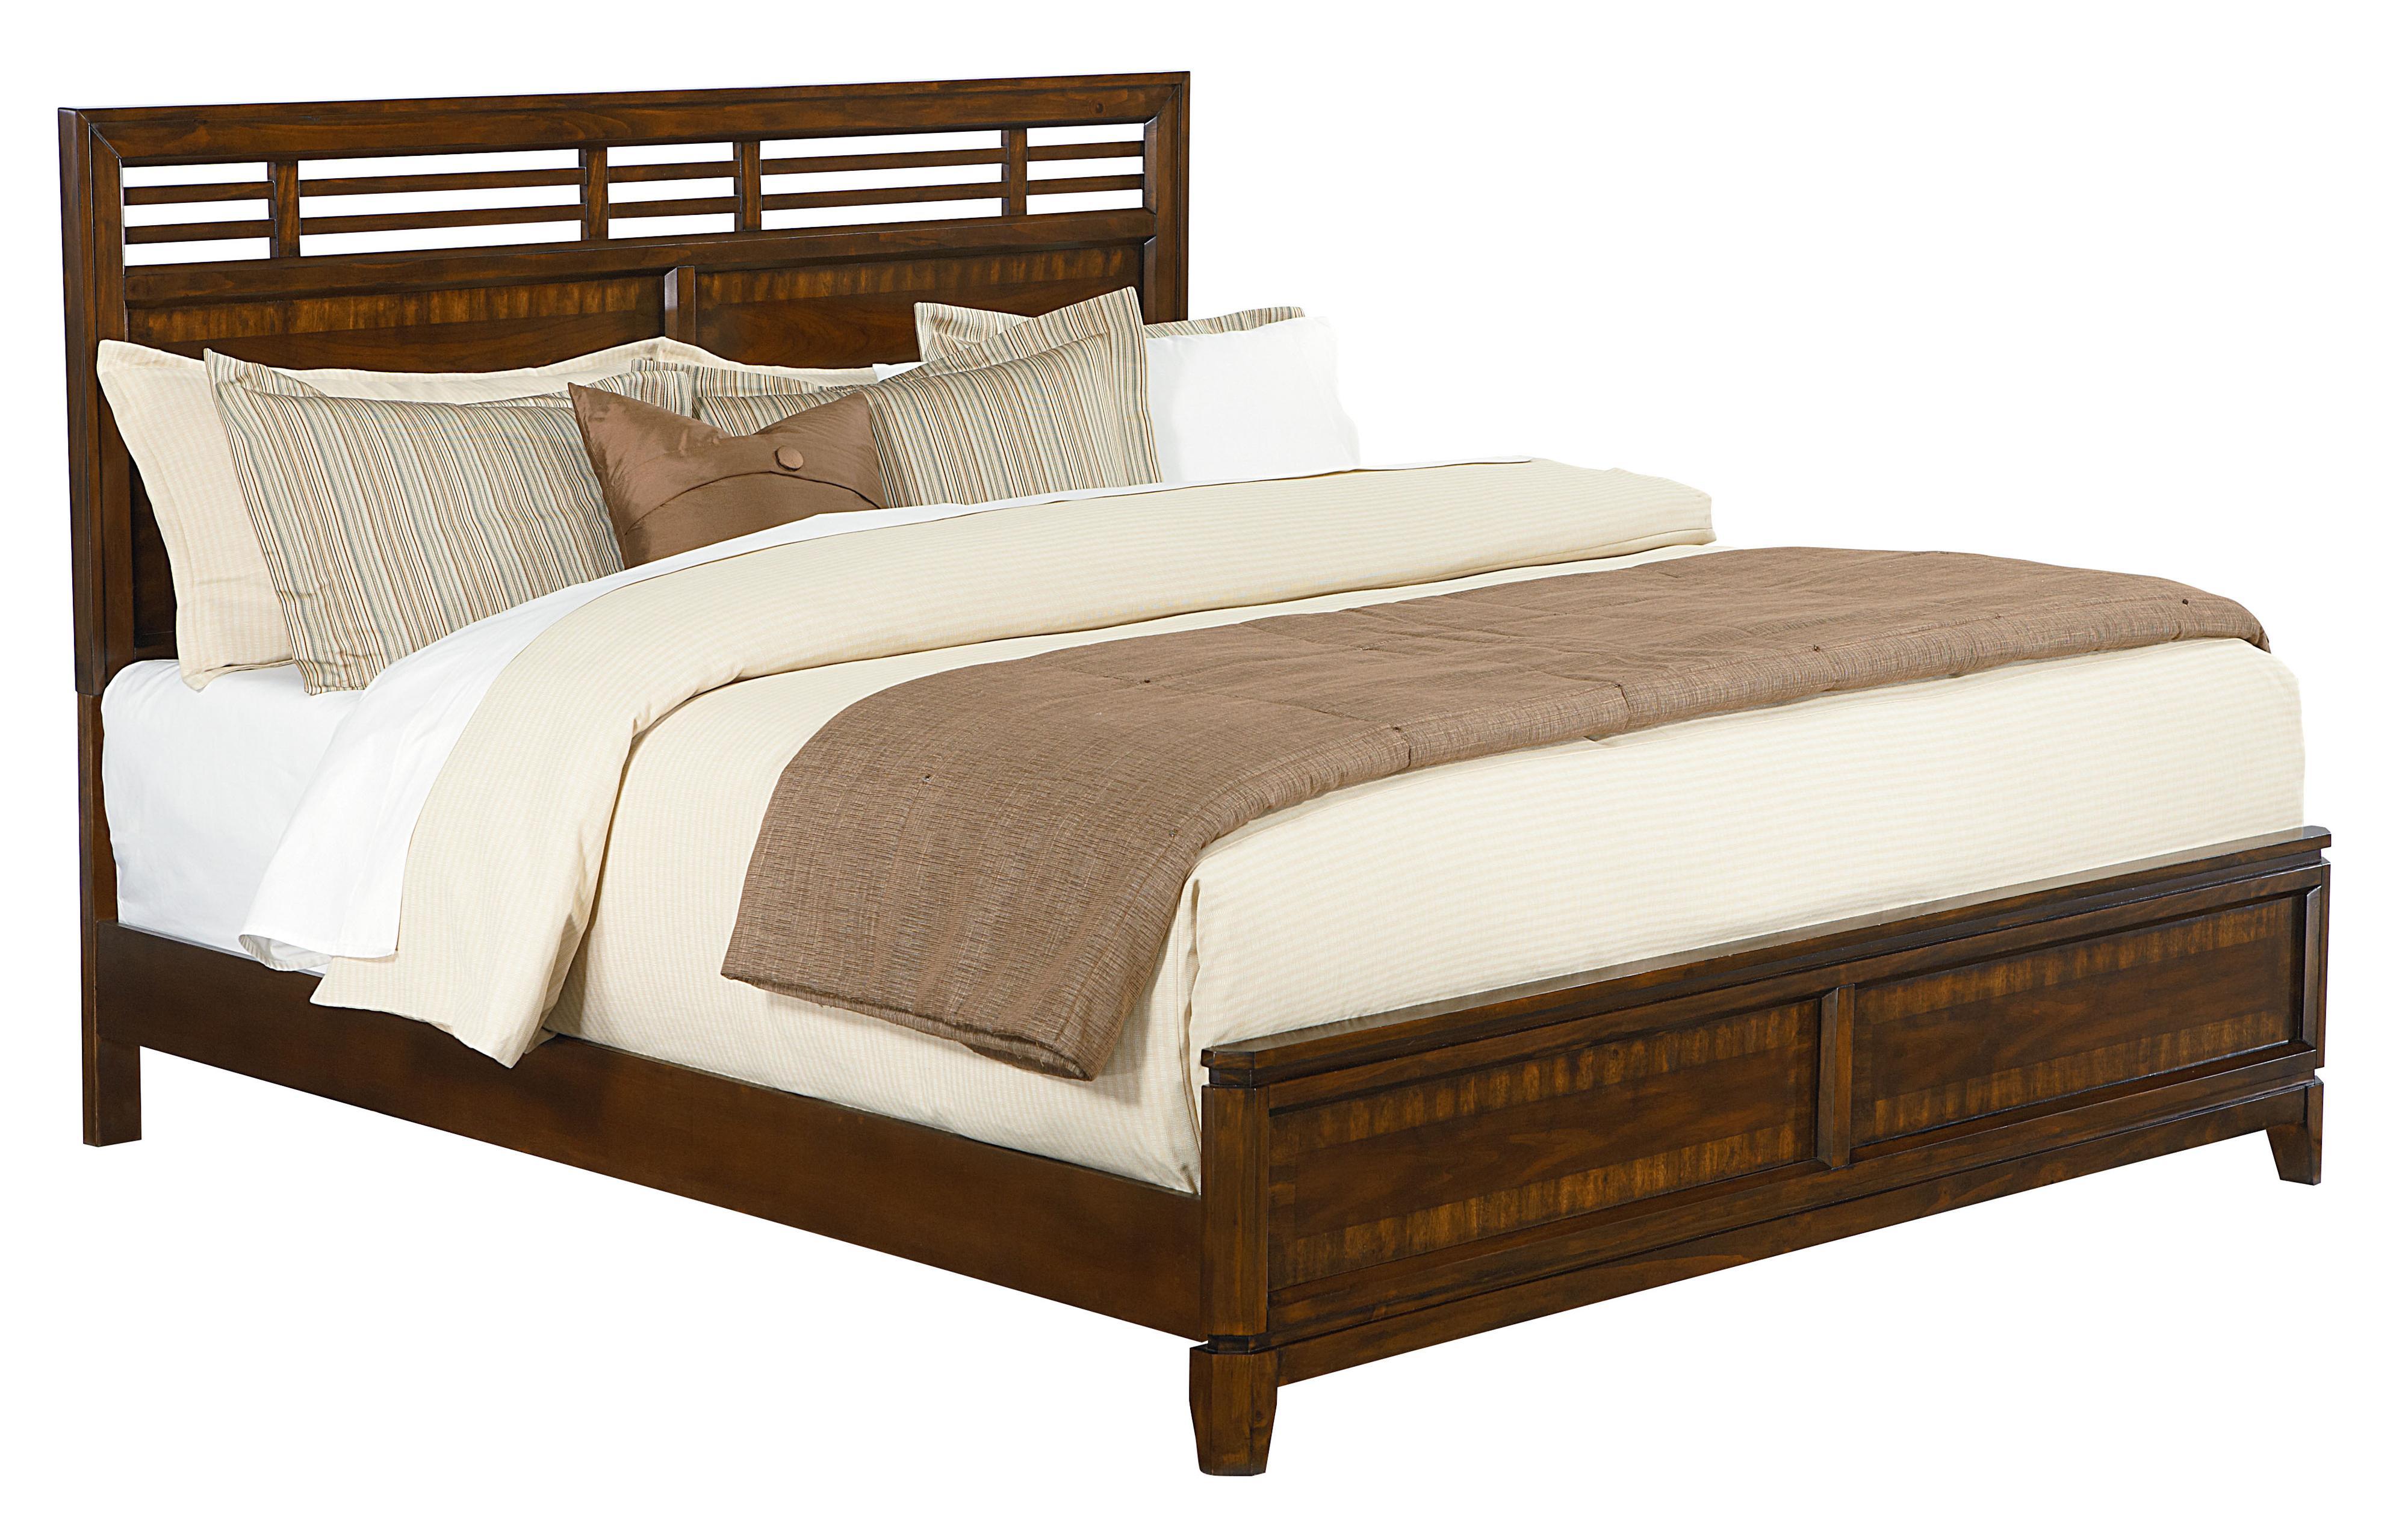 Standard Furniture Avion  King Bed - Item Number: 86461+86452+86463